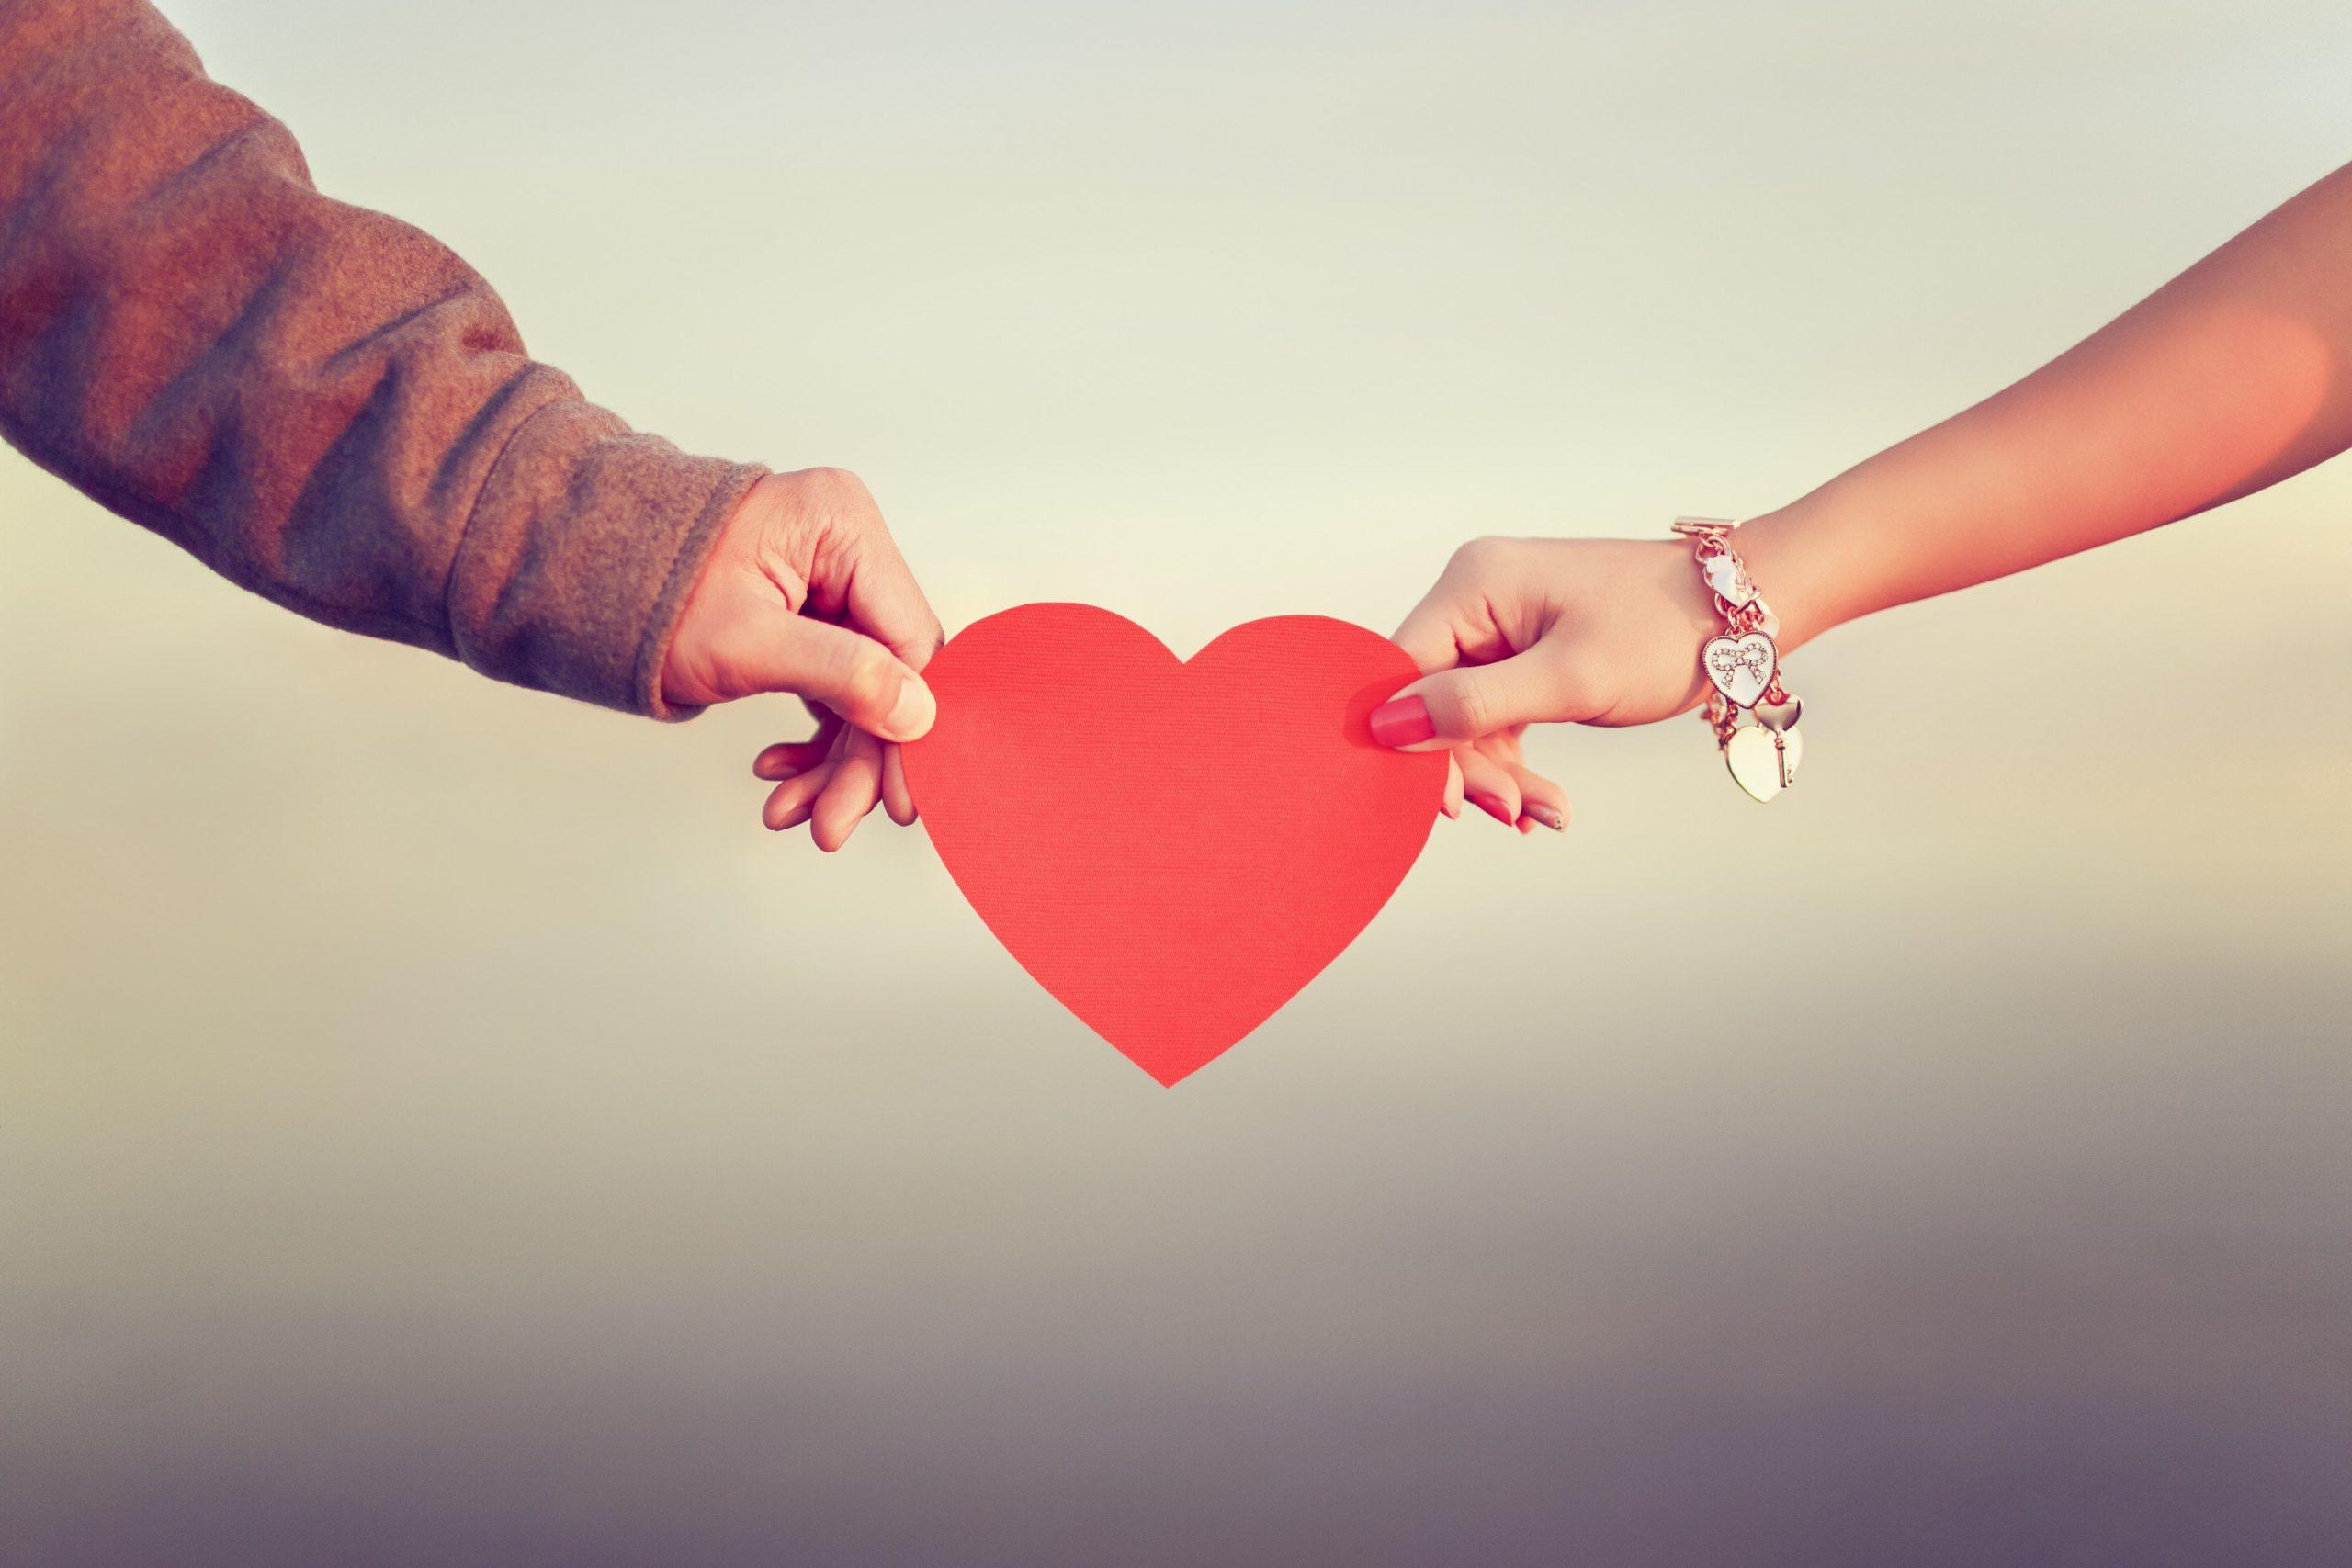 O que é o amor? O sentimento mais lindo e mais complicado ao mesmo tempo